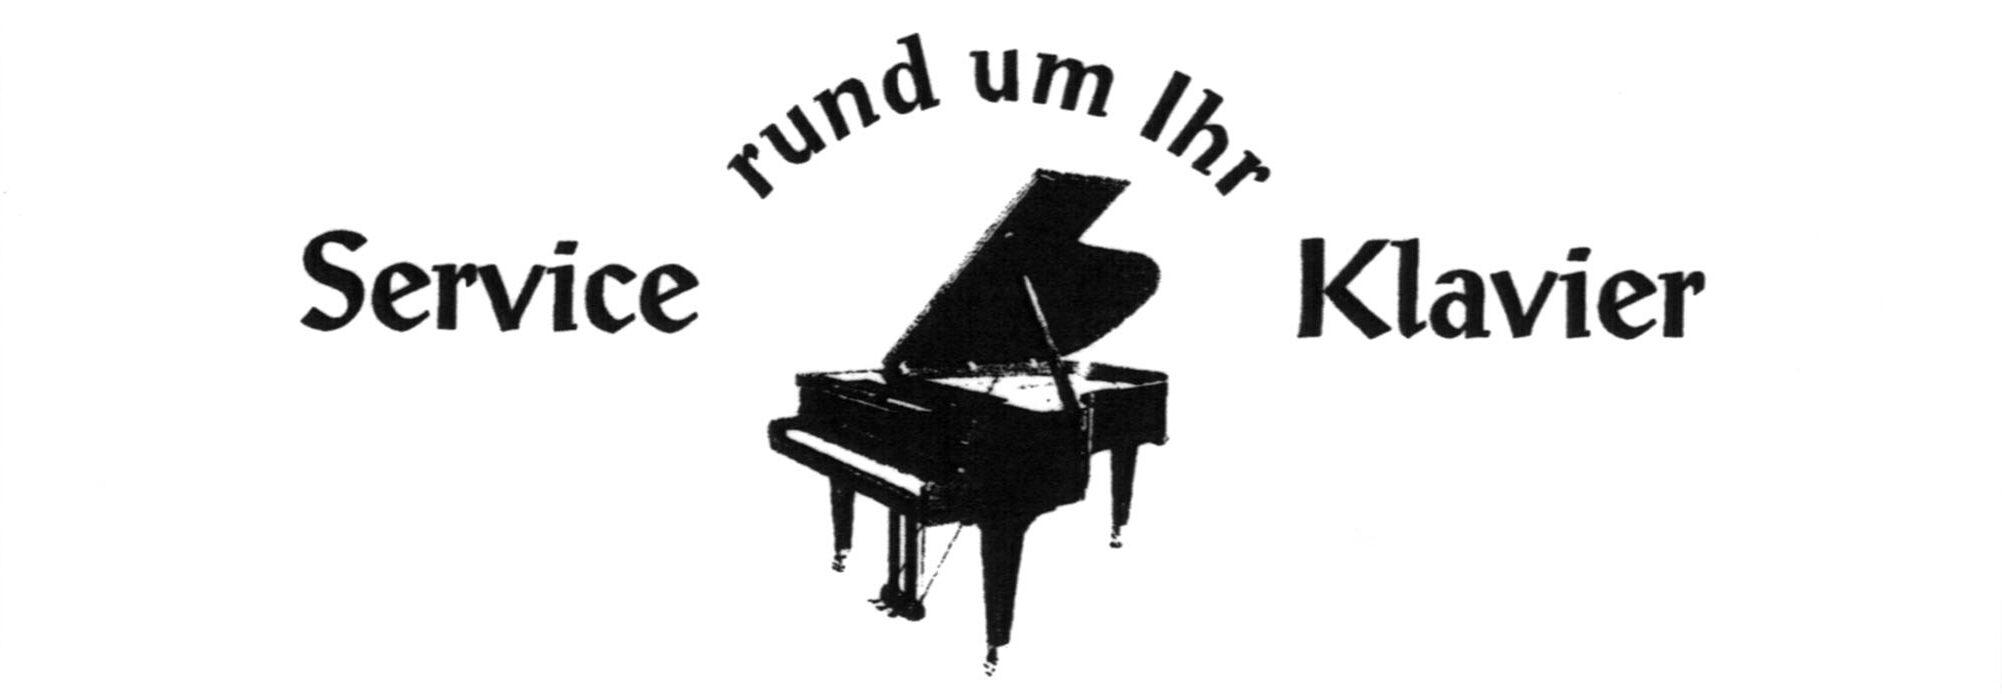 Klaviversum – Service rund um Ihr Klavier